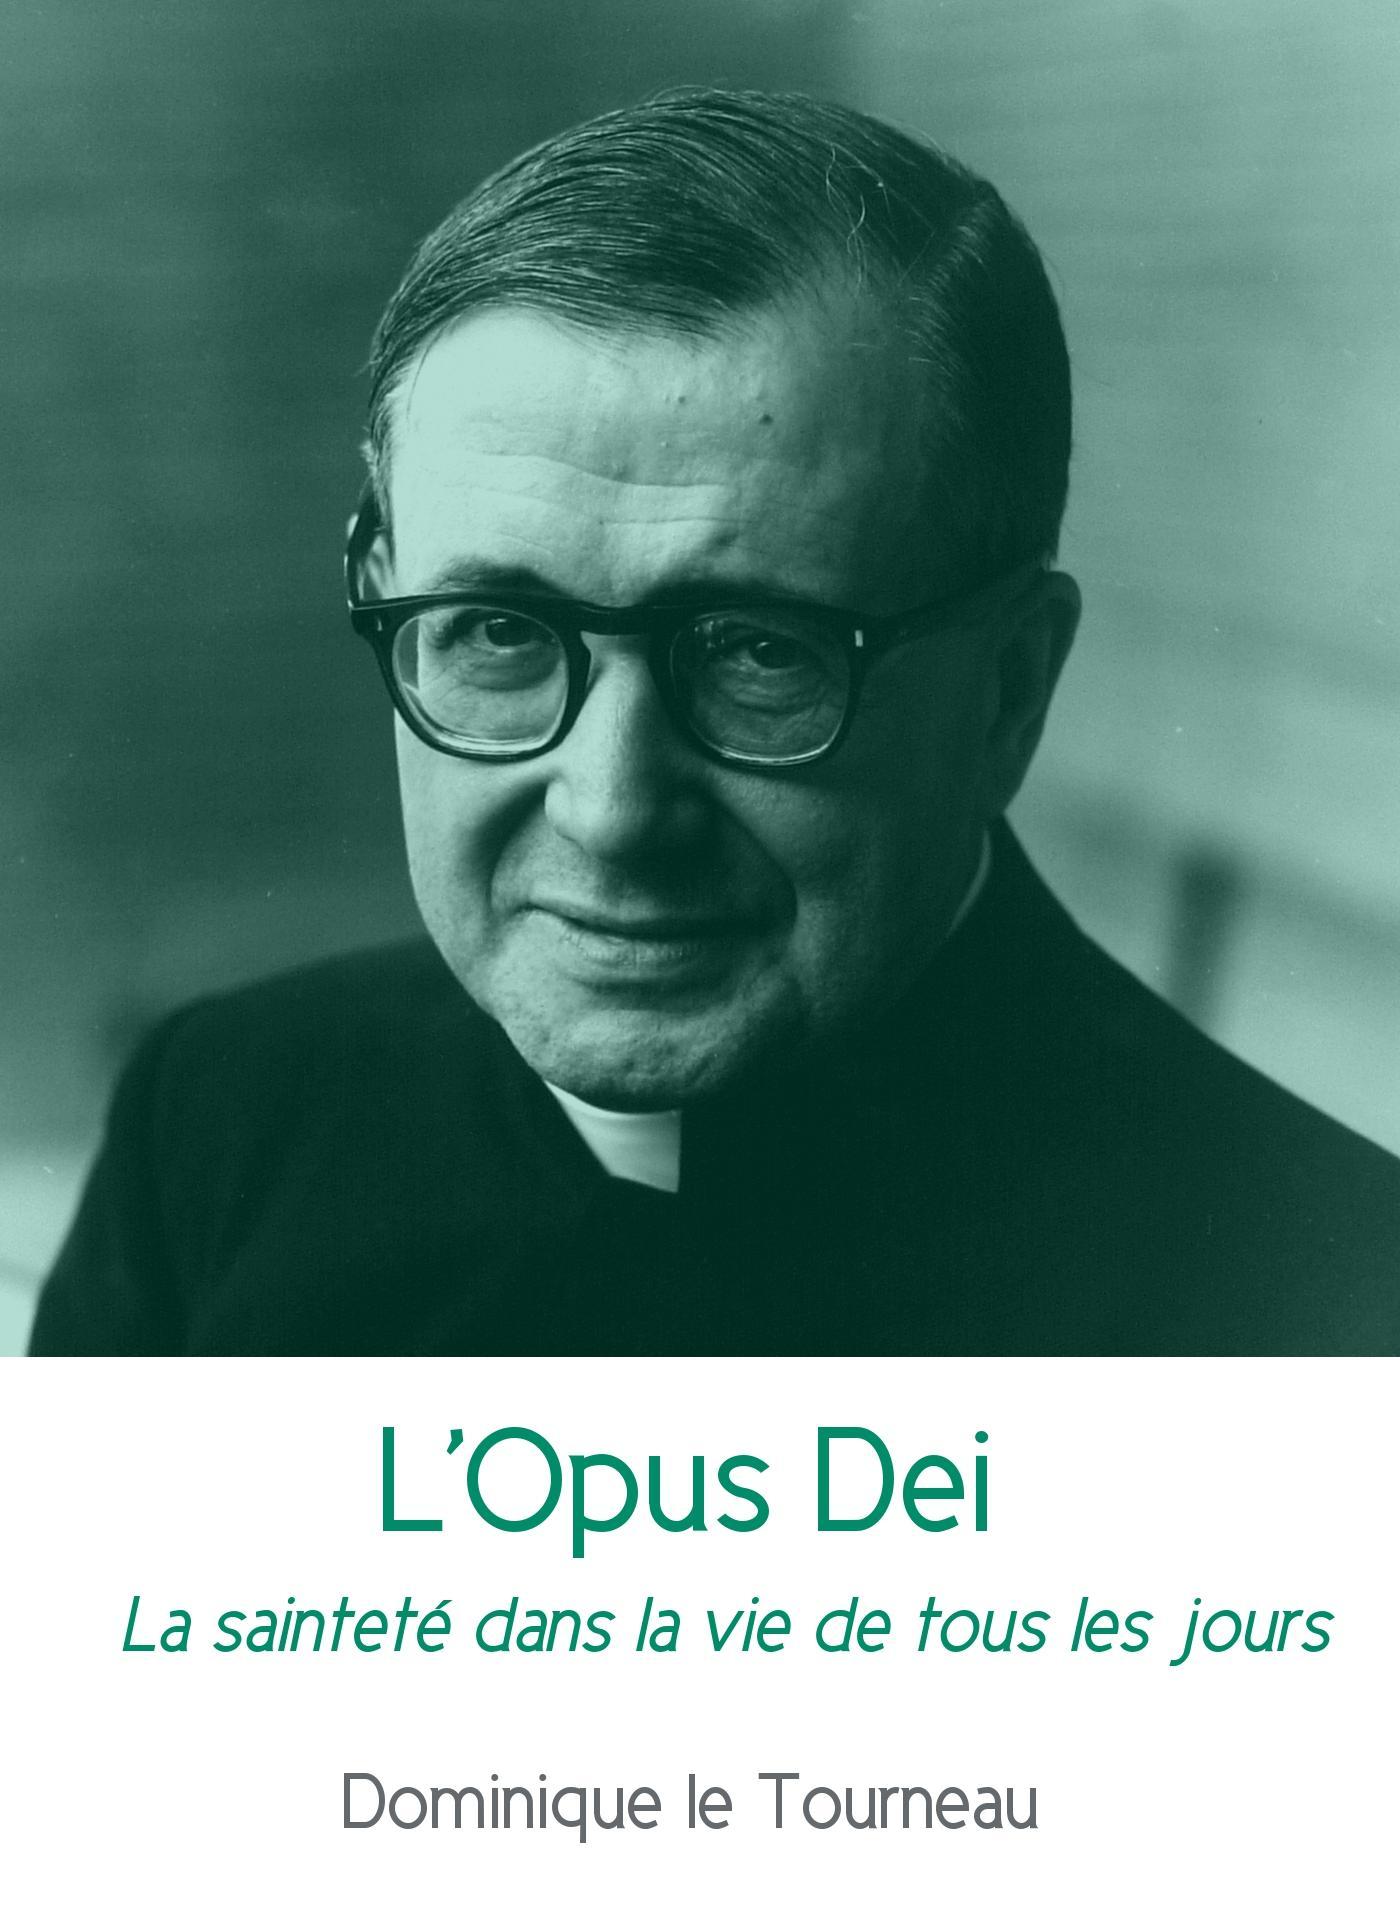 L'Opus Dei, LA SAINTETÉ DANS LA VIE DE TOUS LES JOURS